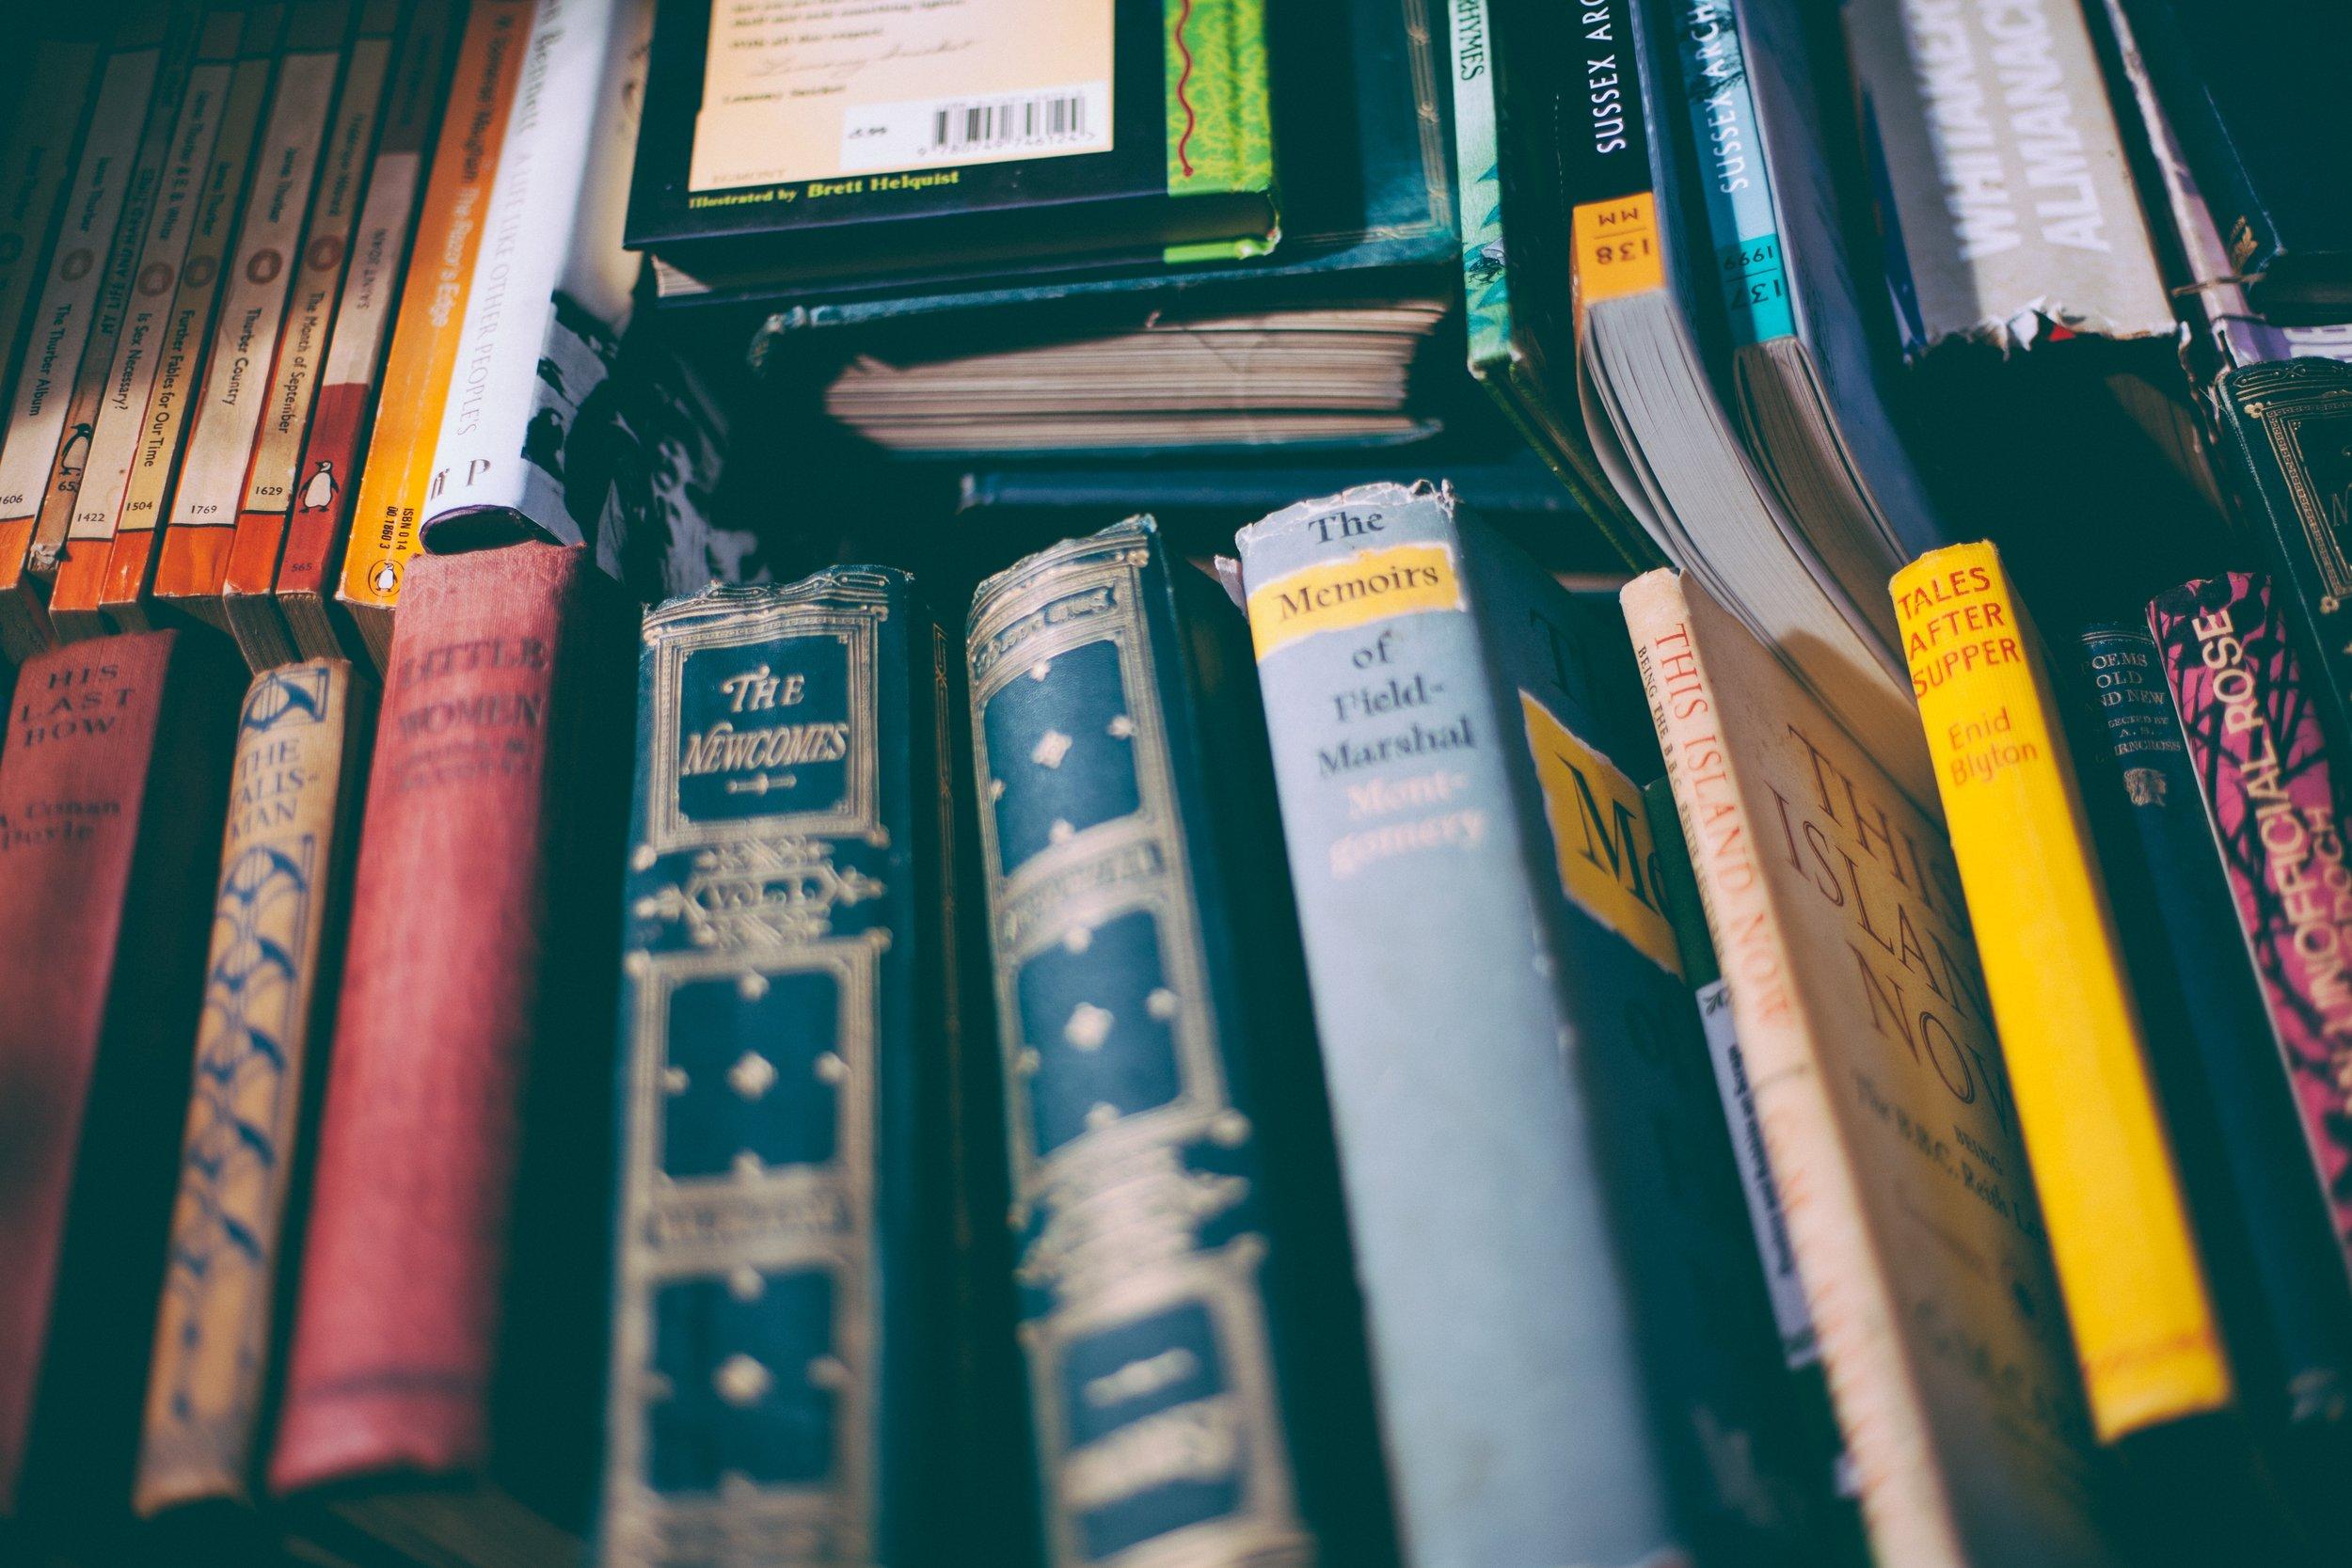 old books - little women.jpg